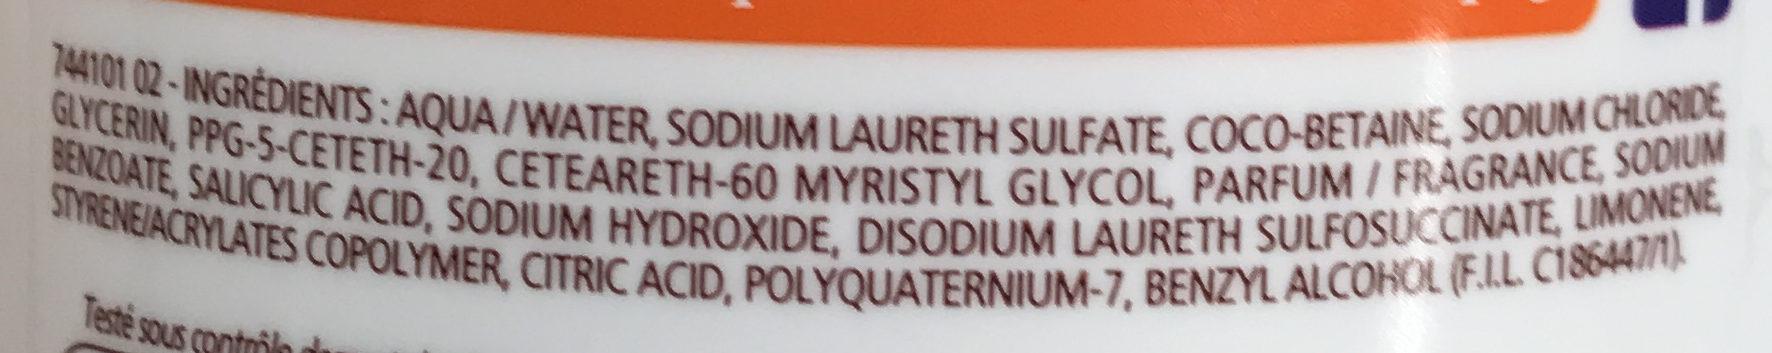 Douche Crème Douceurs d'Enfance au parfum des Orangettes - Ingrédients